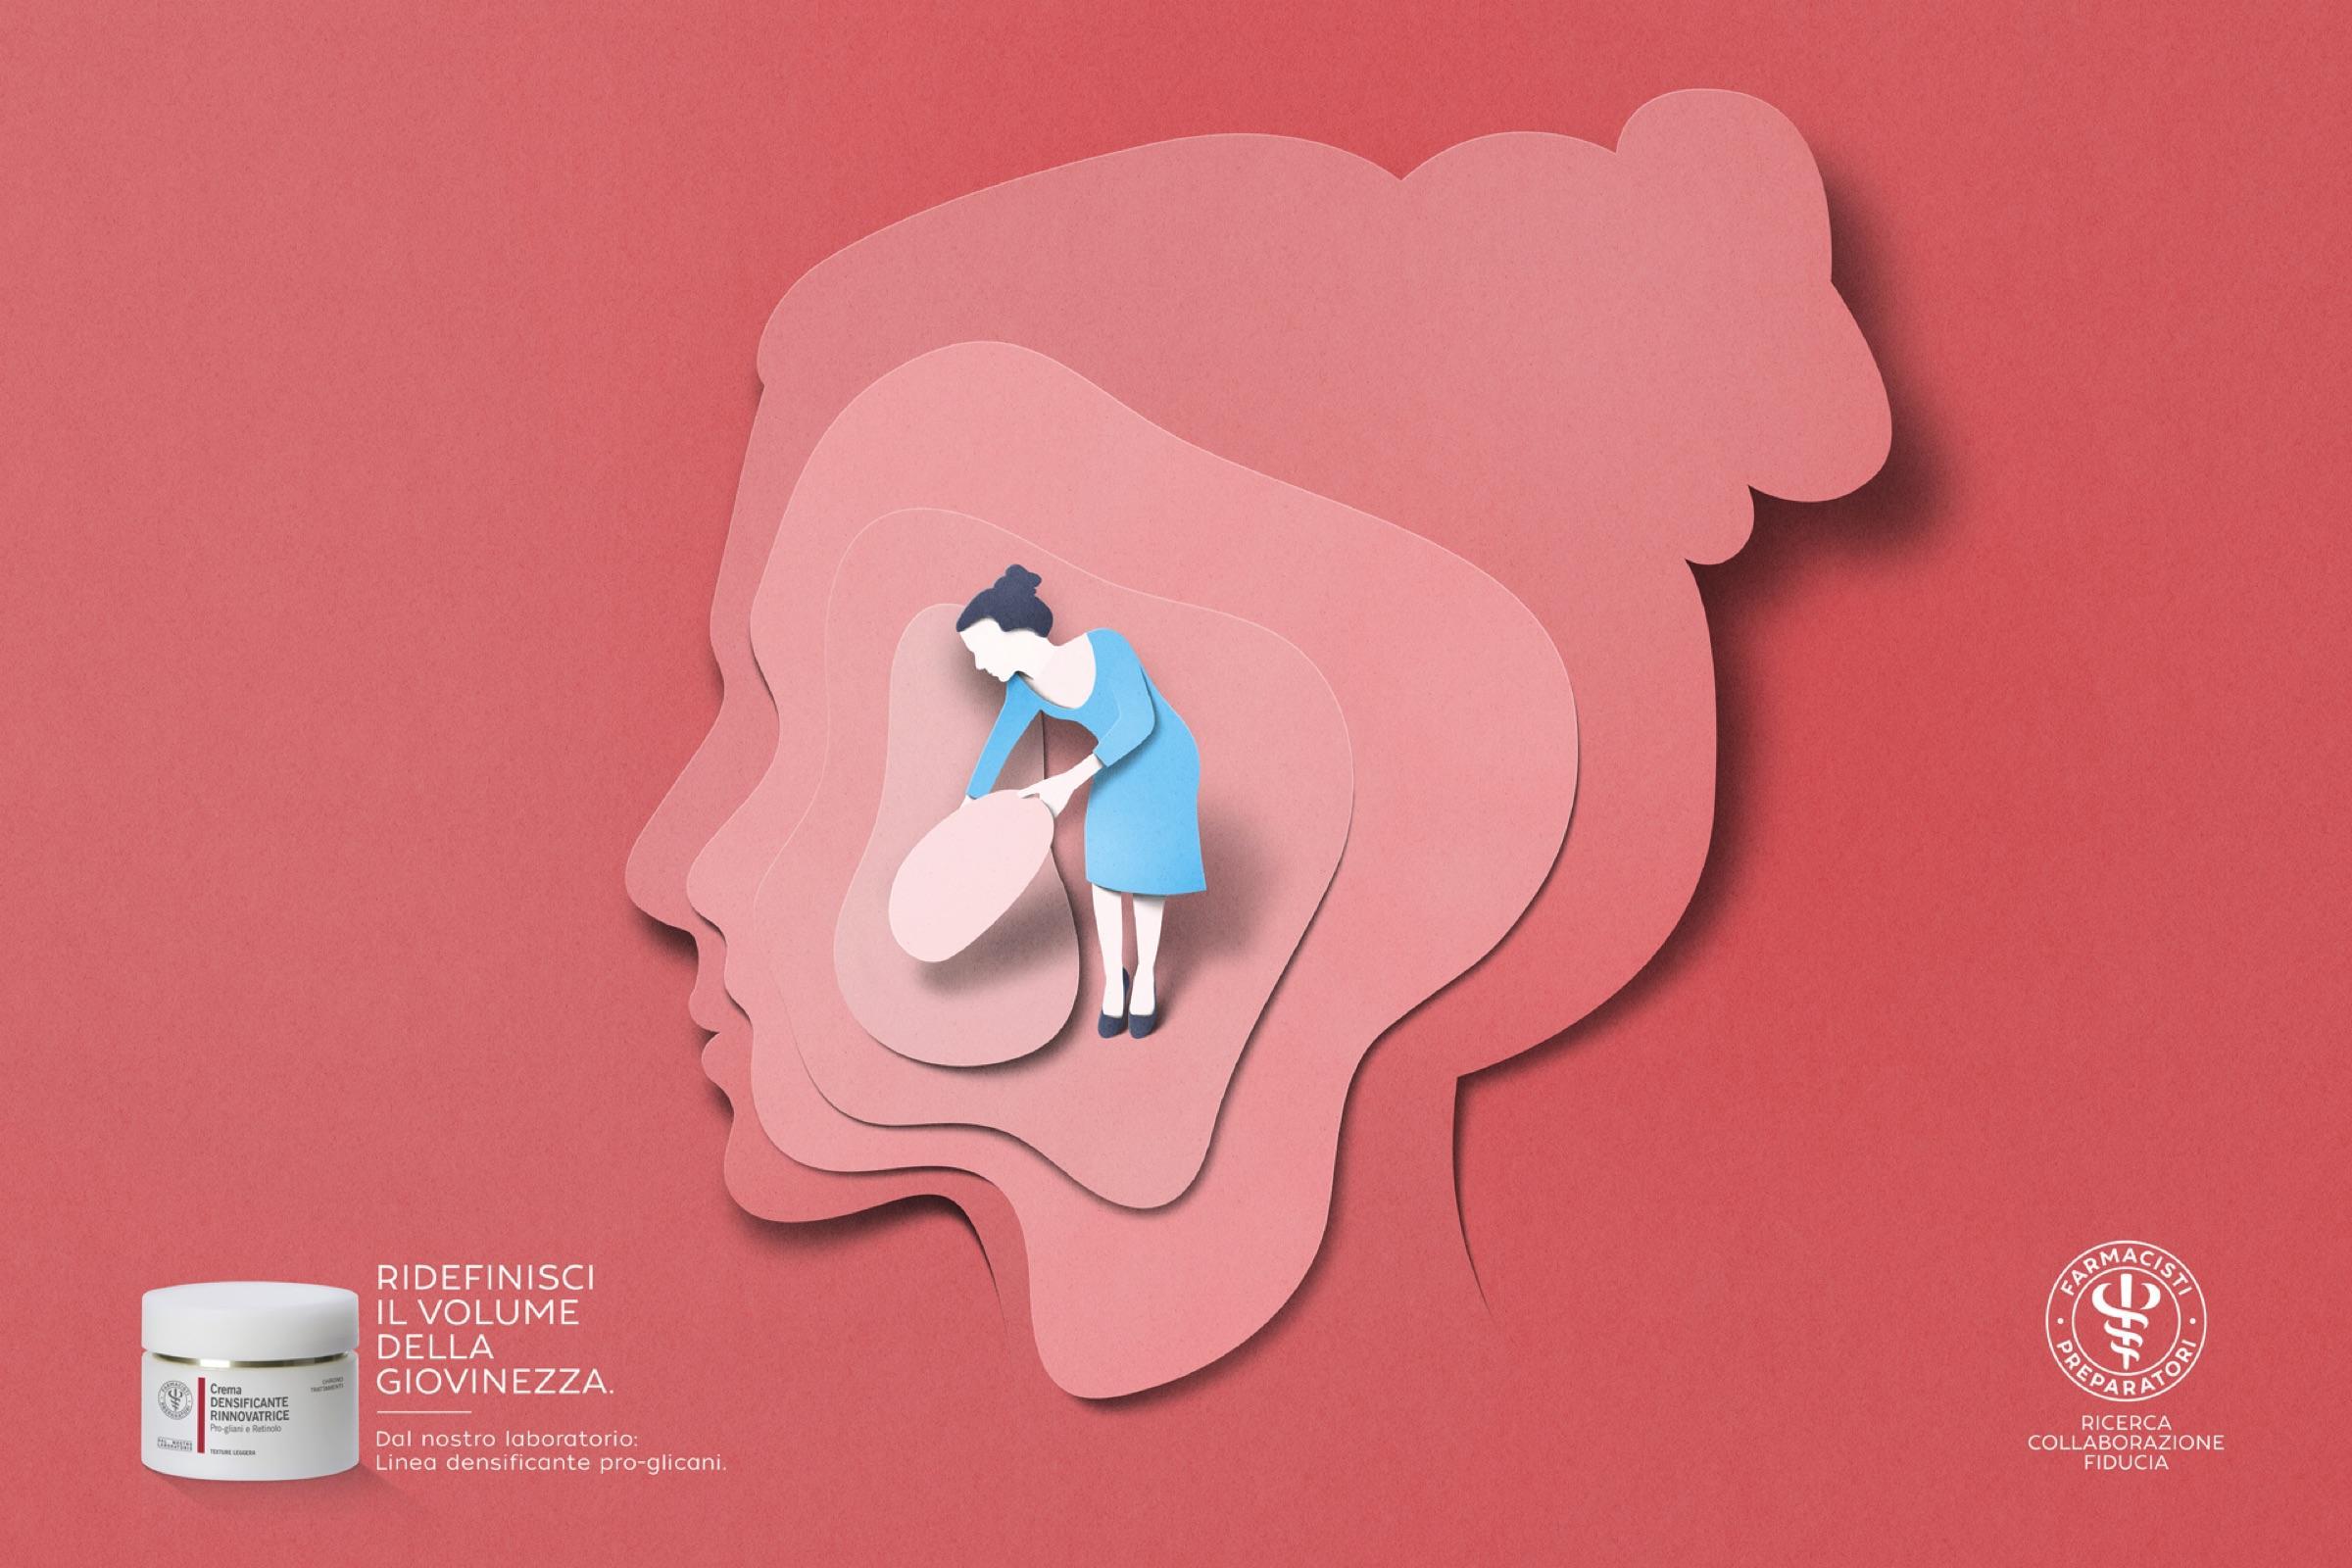 Farmacisti Preparatori Print Ad - Youth